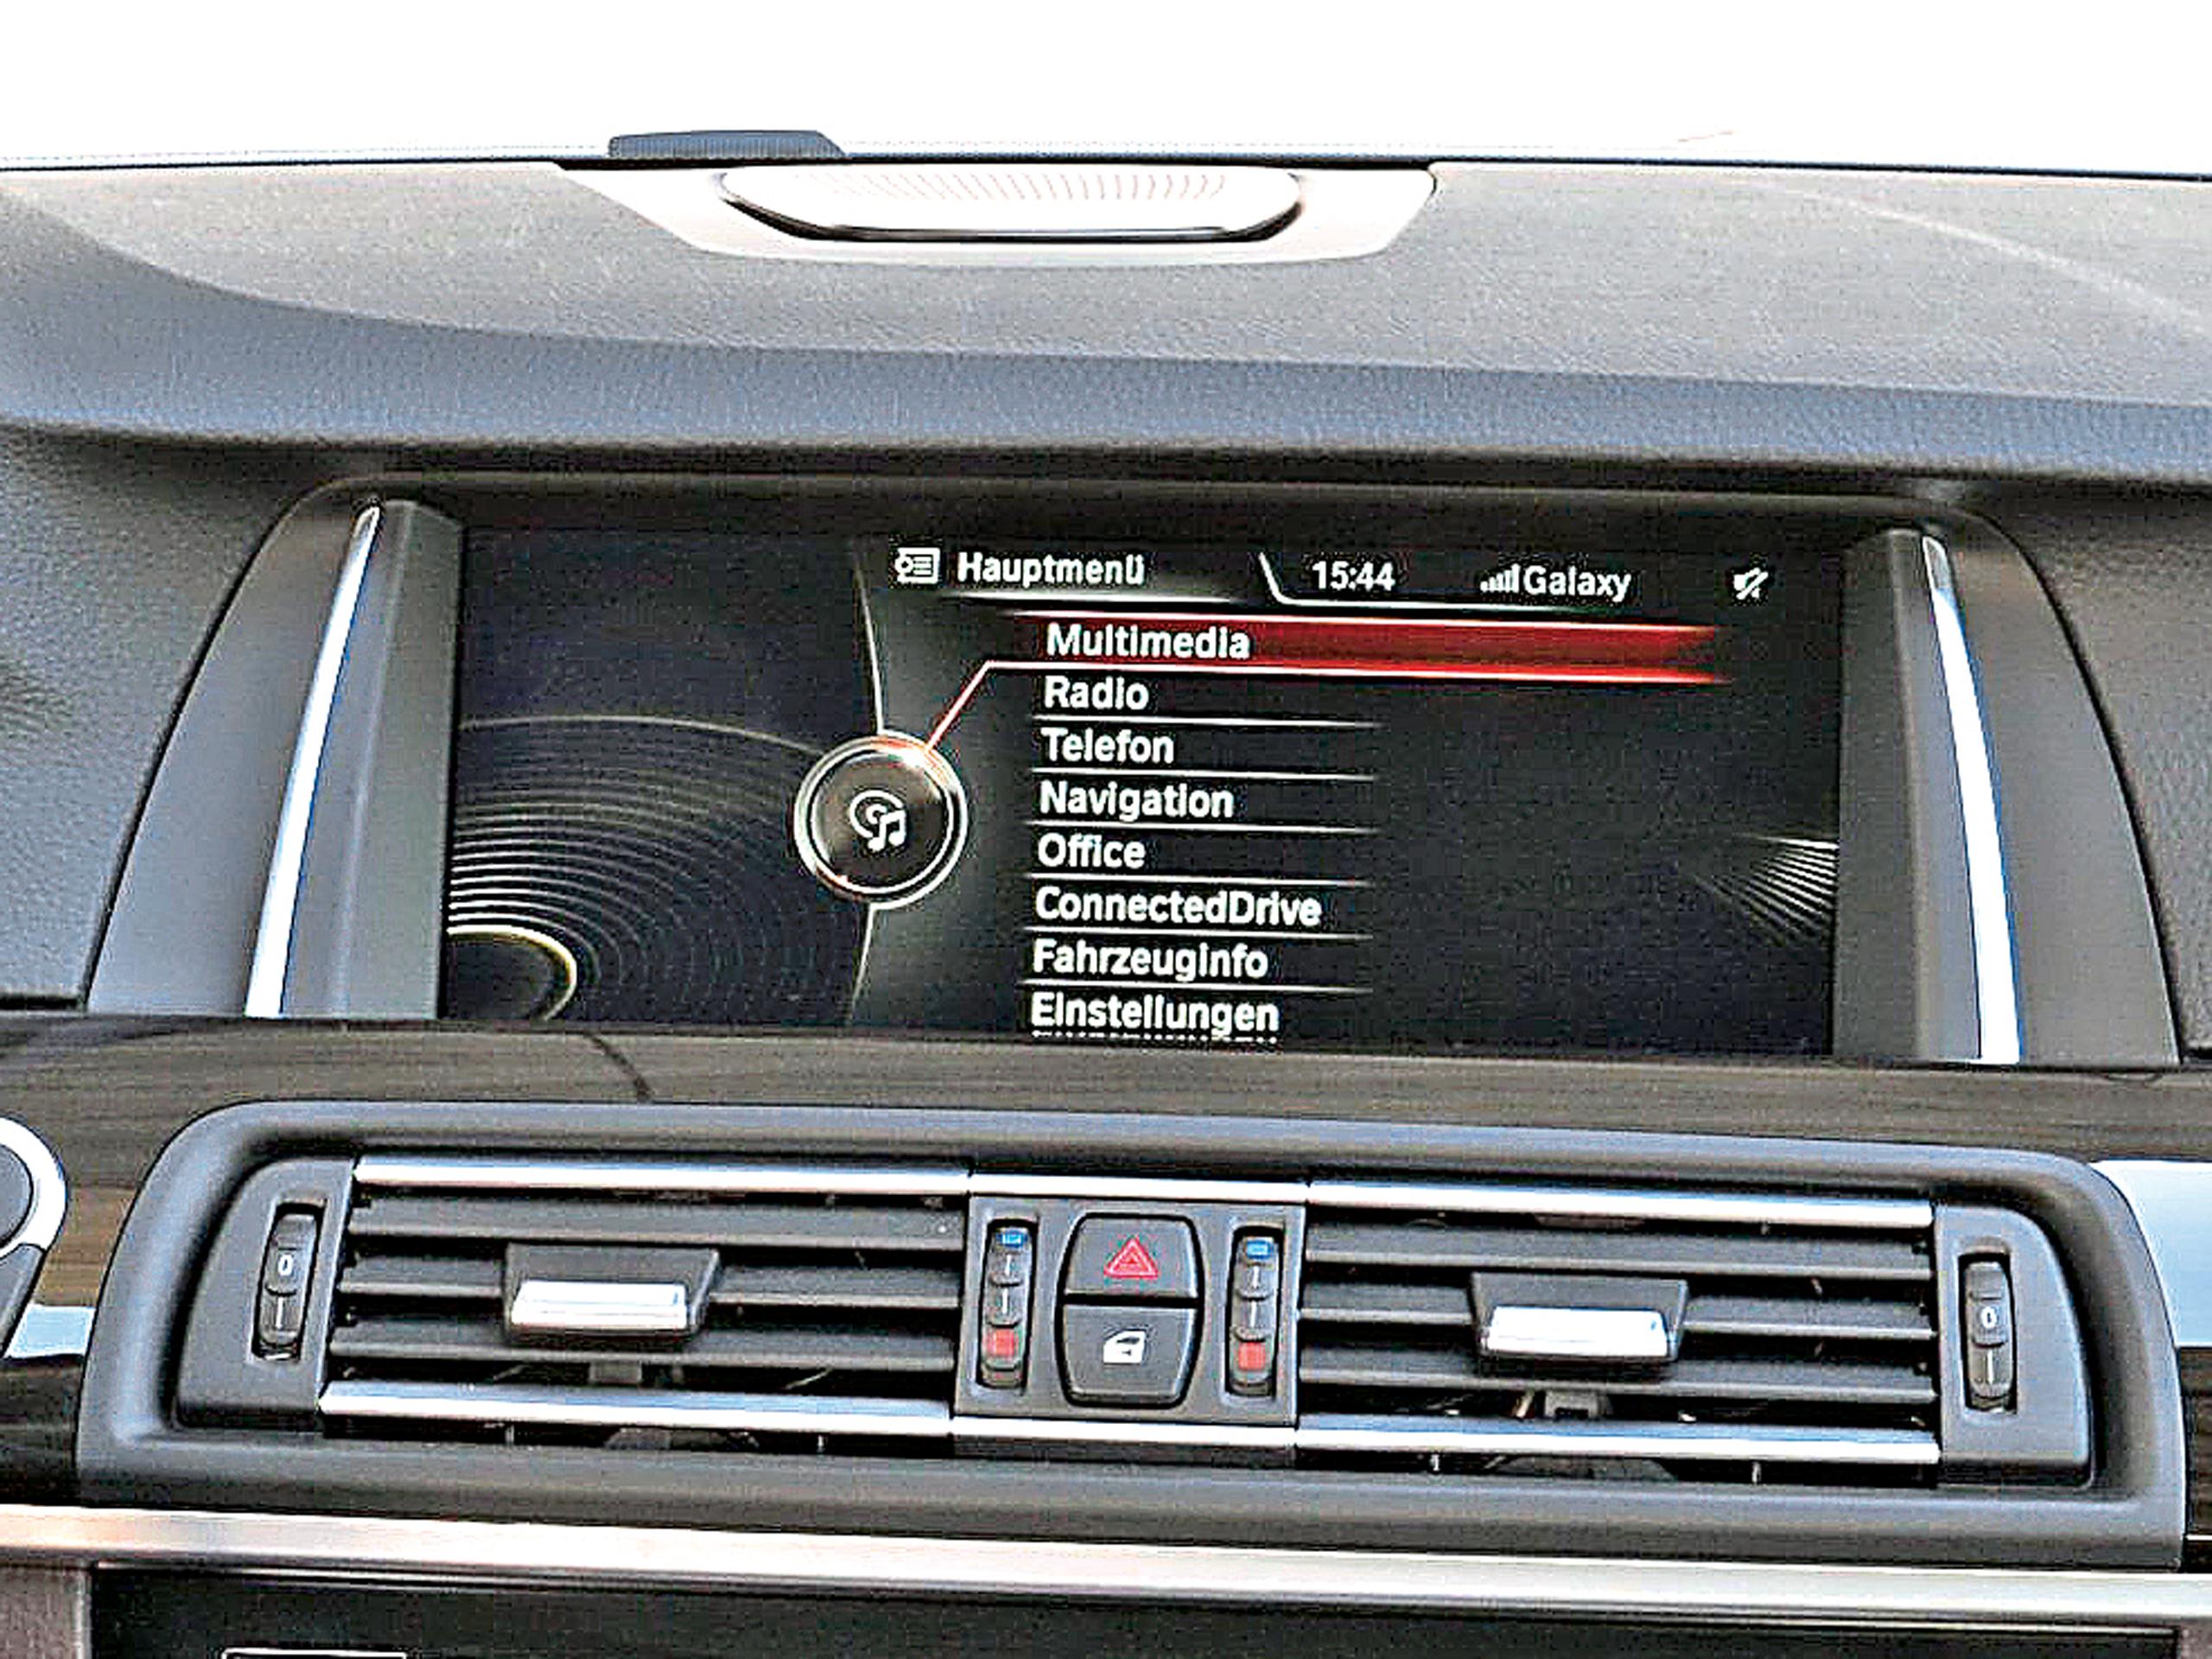 BMW 5er im Test 520d mit neuem Zweiliter Diesel